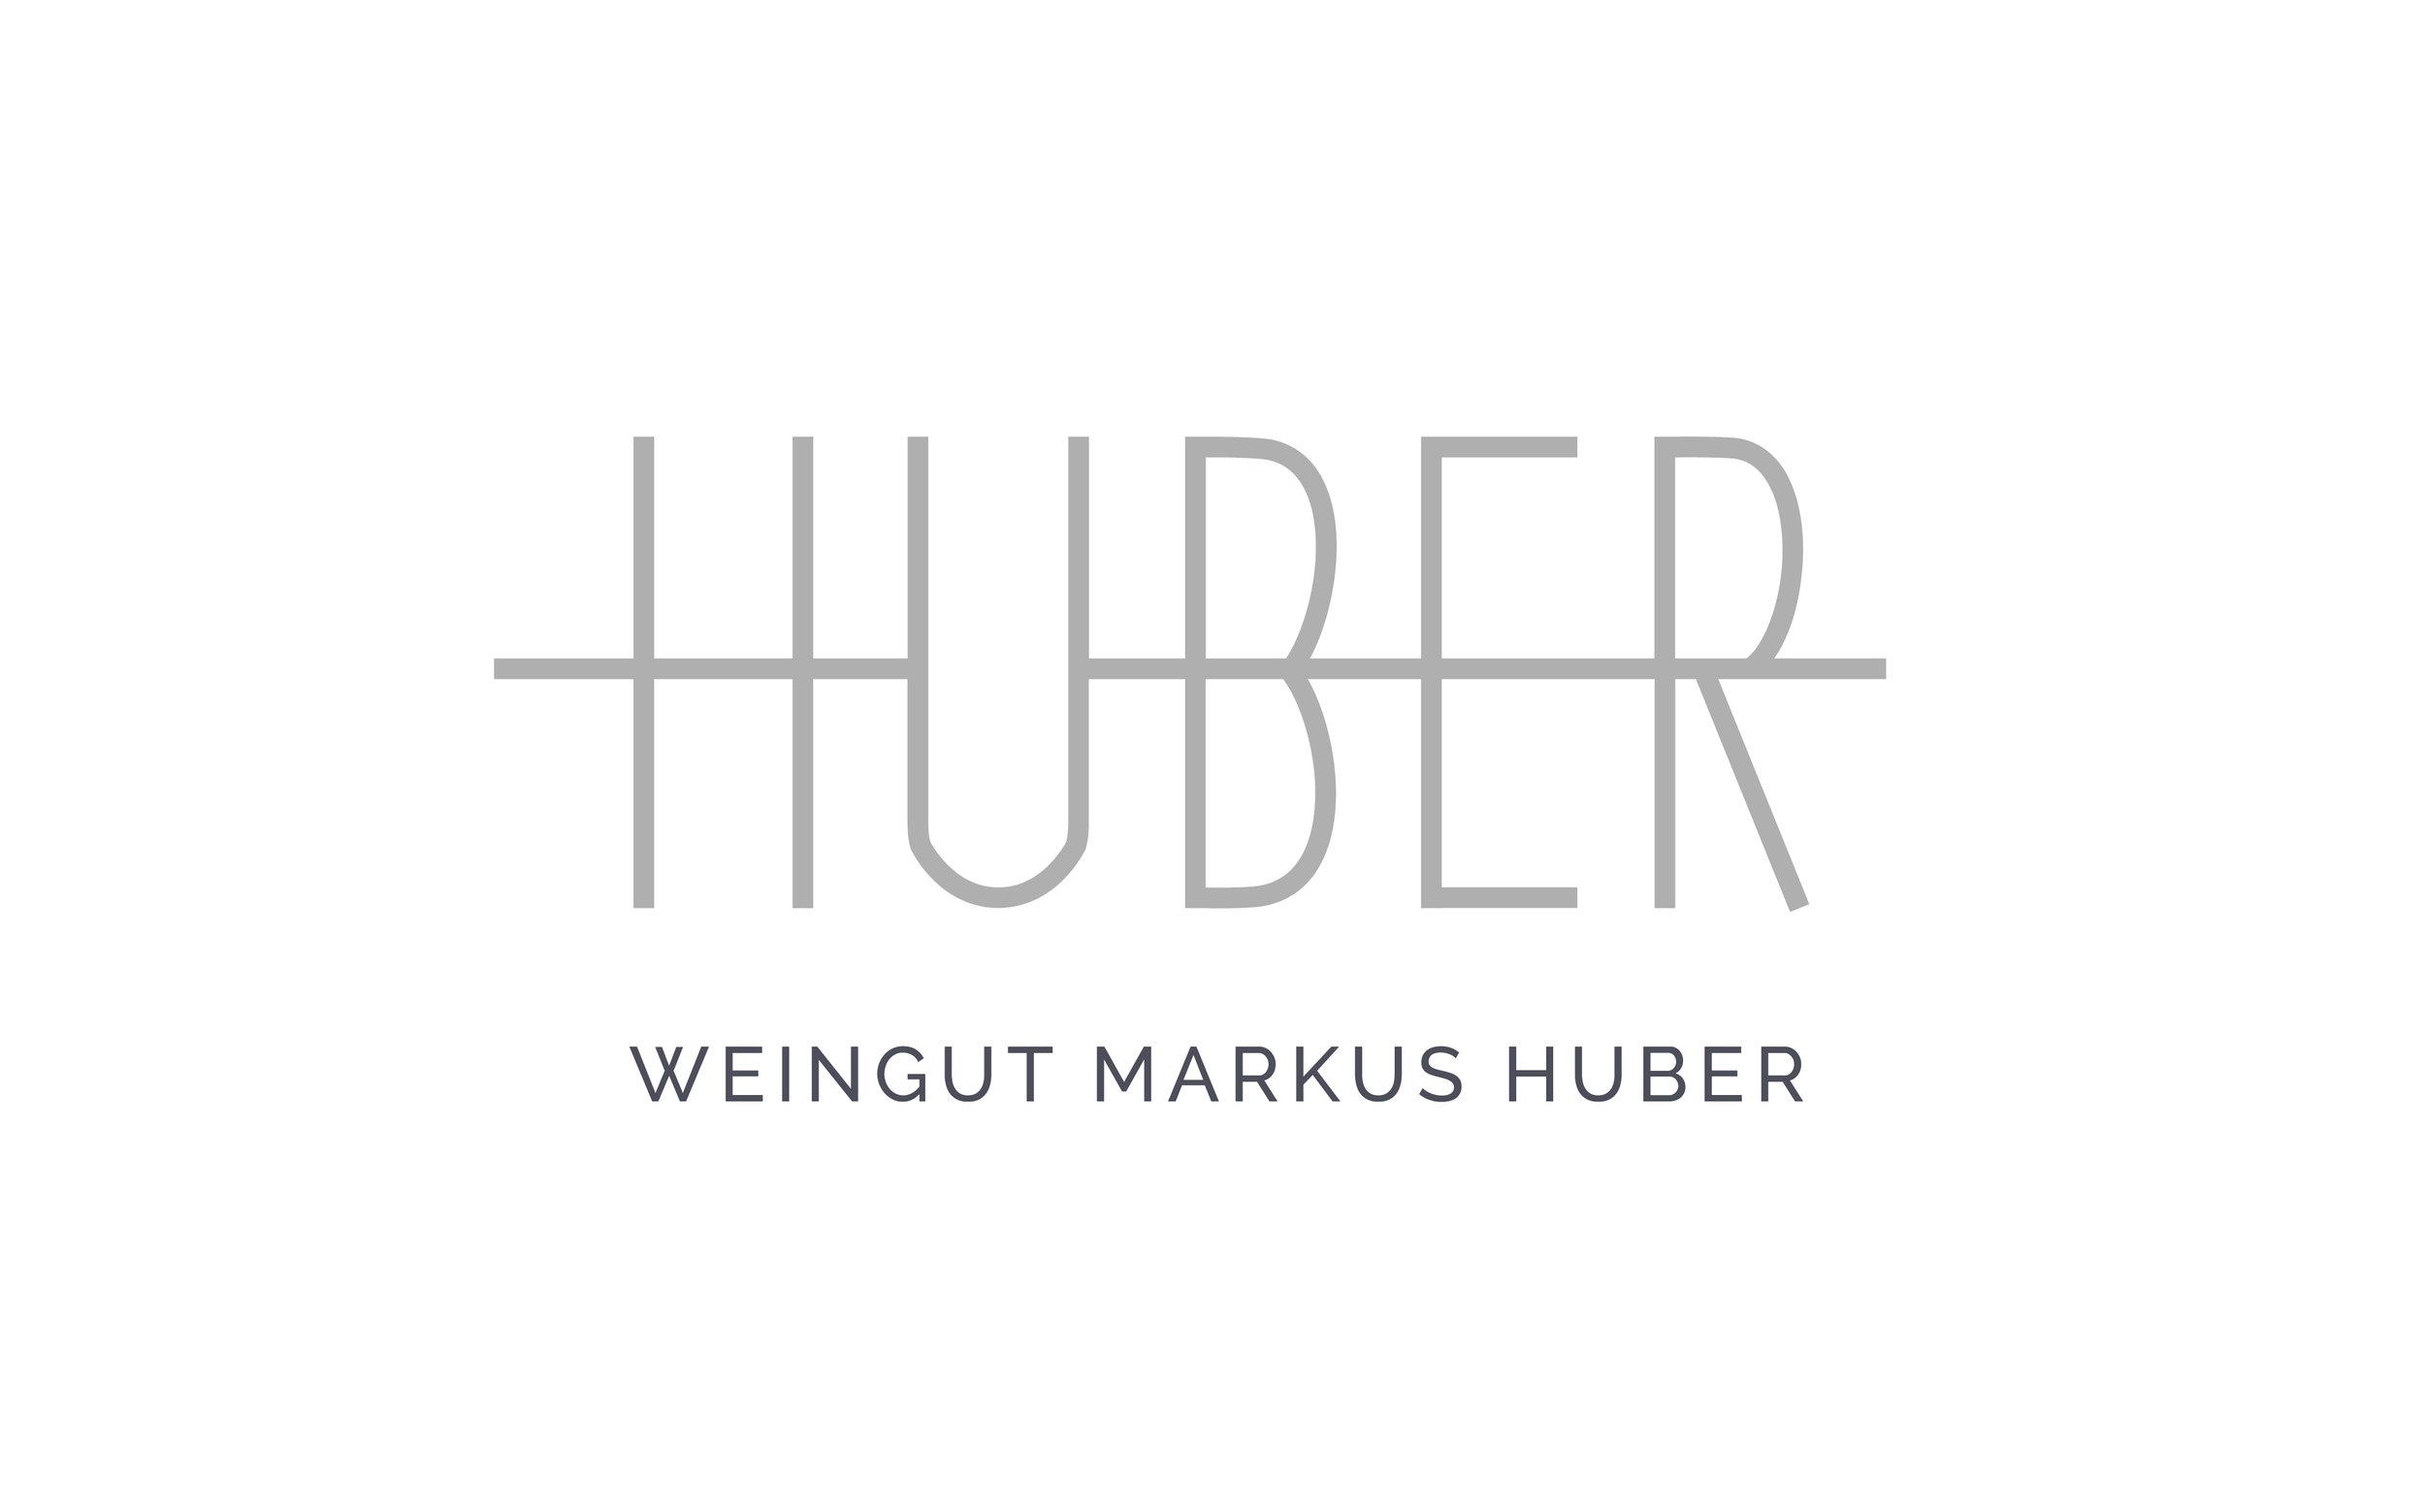 Weingut Markus Huber